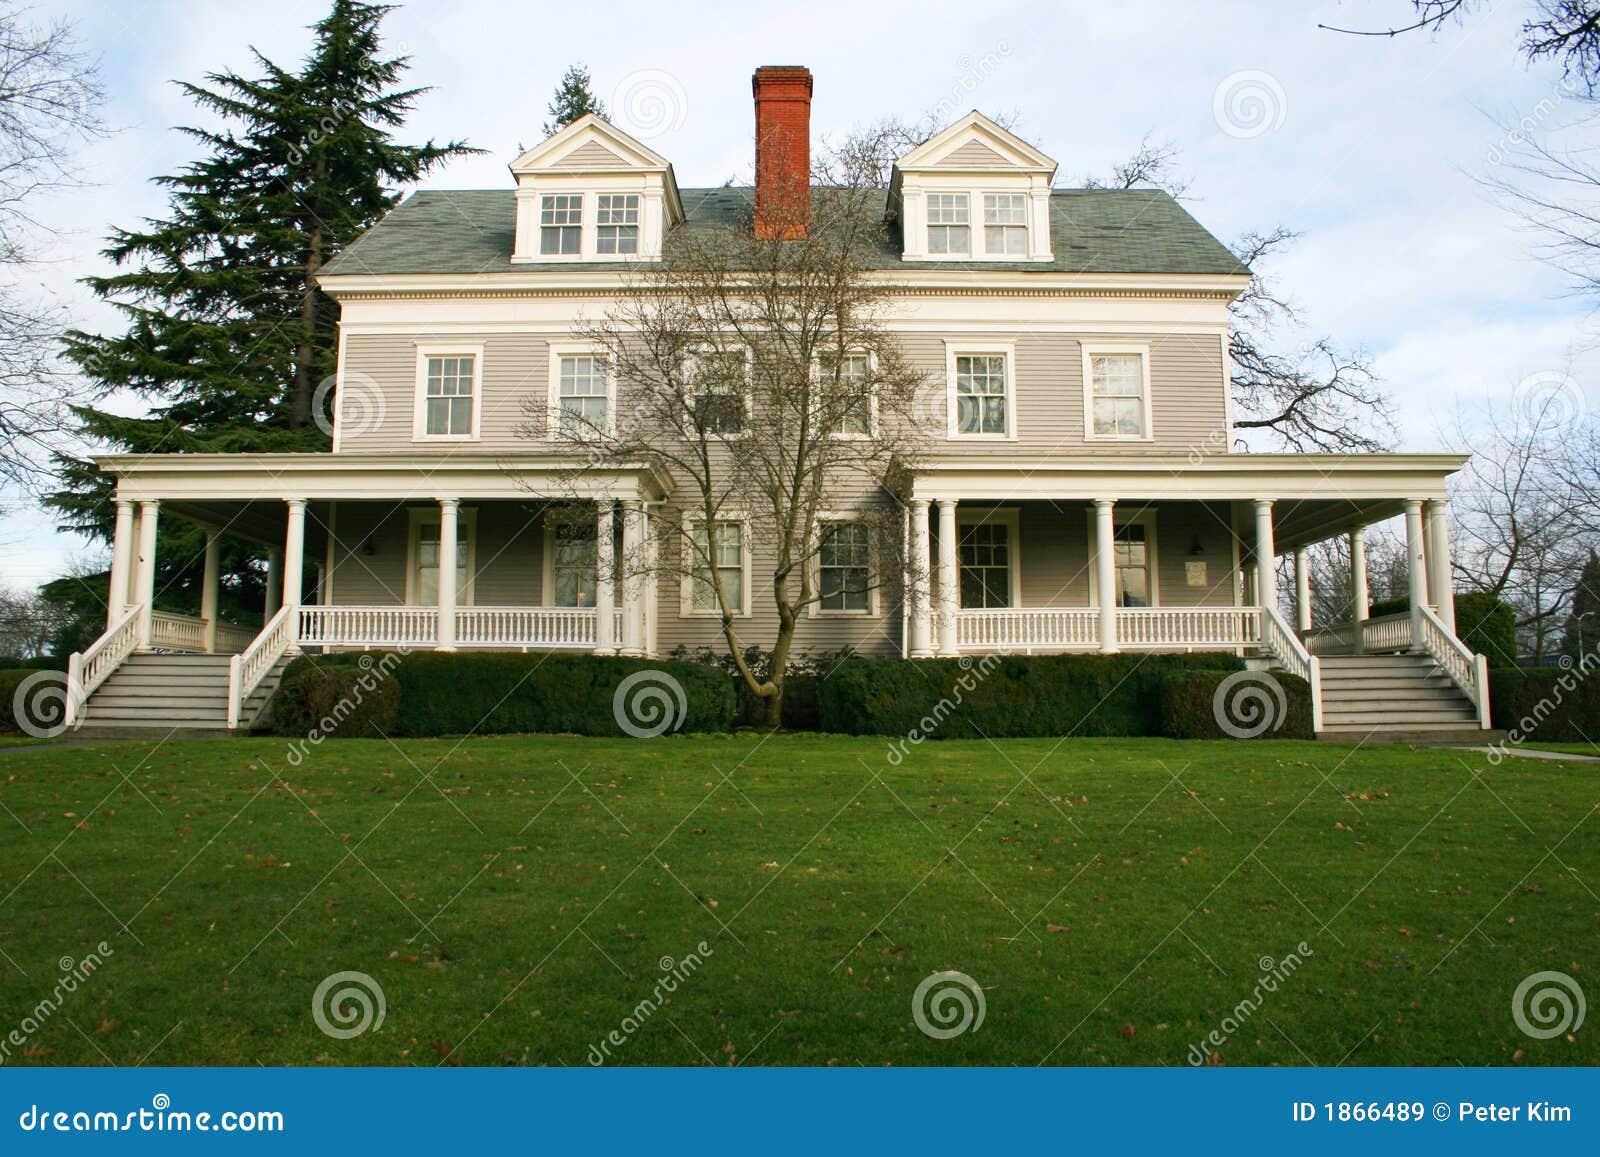 Groot oud huis royalty vrije stock afbeeldingen afbeelding 1866489 - Huis verlenging oud huis ...